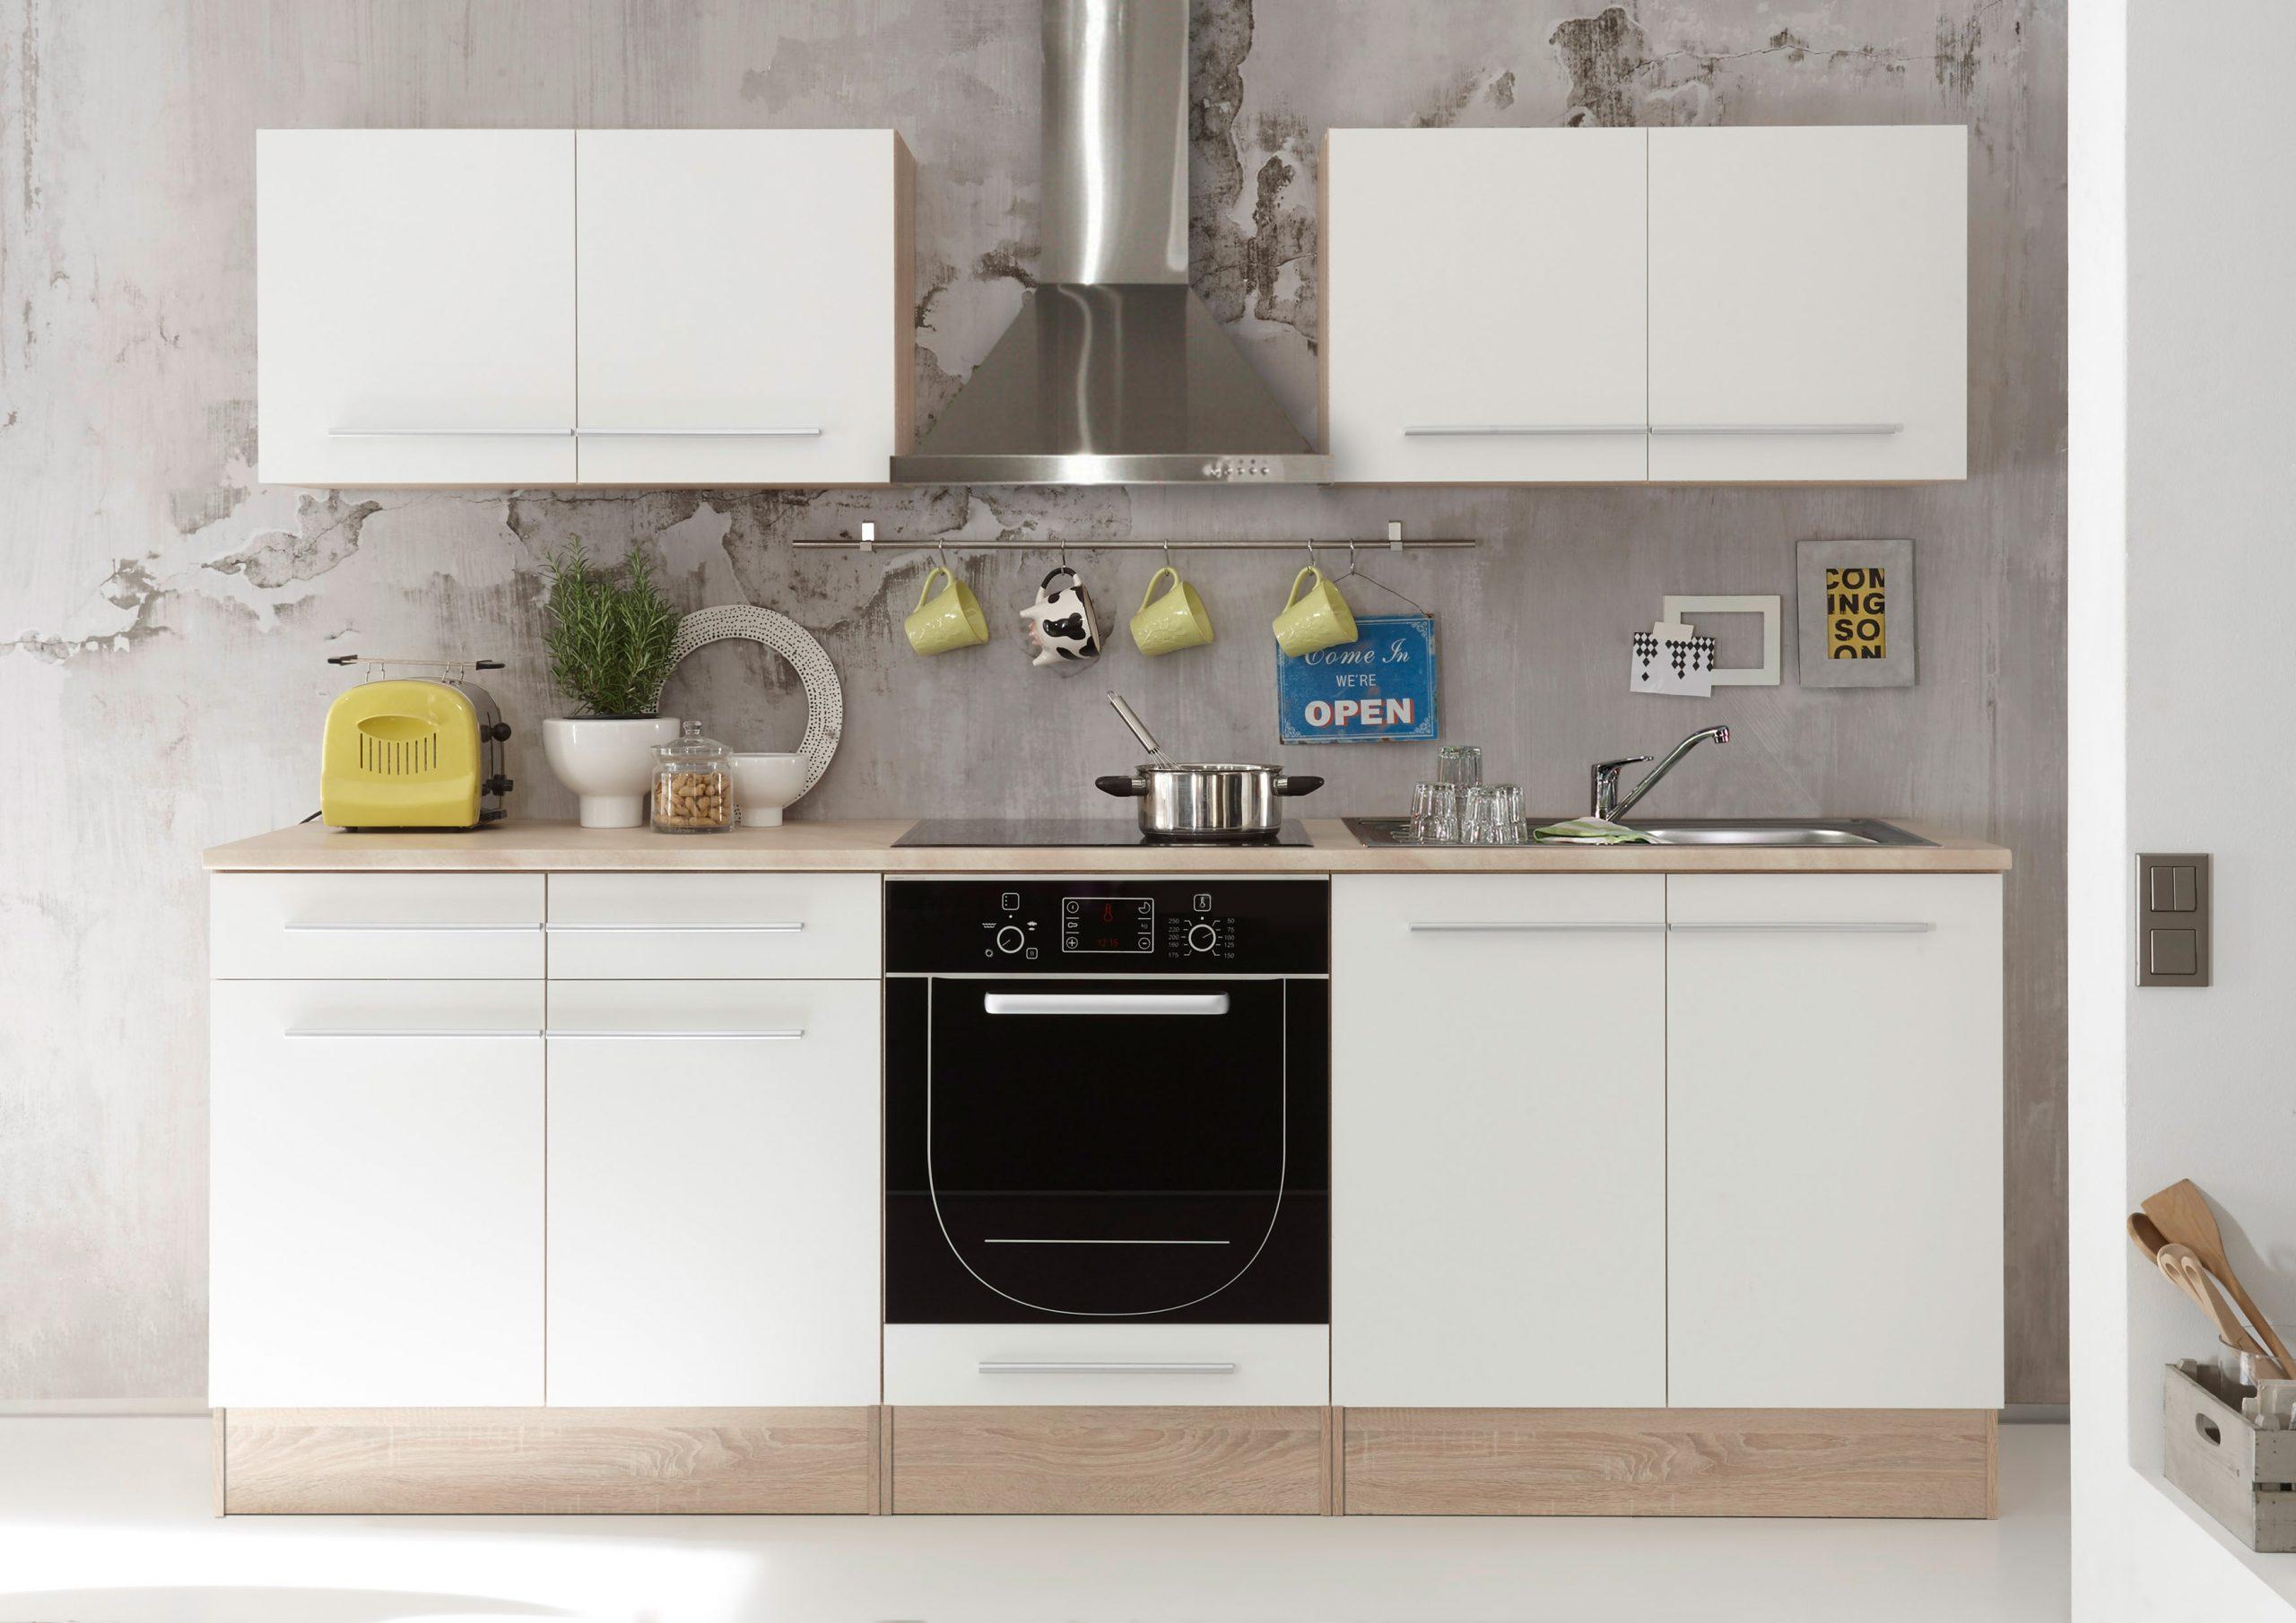 Full Size of Komplettküche Willhaben Komplettküche Teppich Küchekomplettküche Mit Elektrogeräten Roller Komplettküche Küche Komplettküche